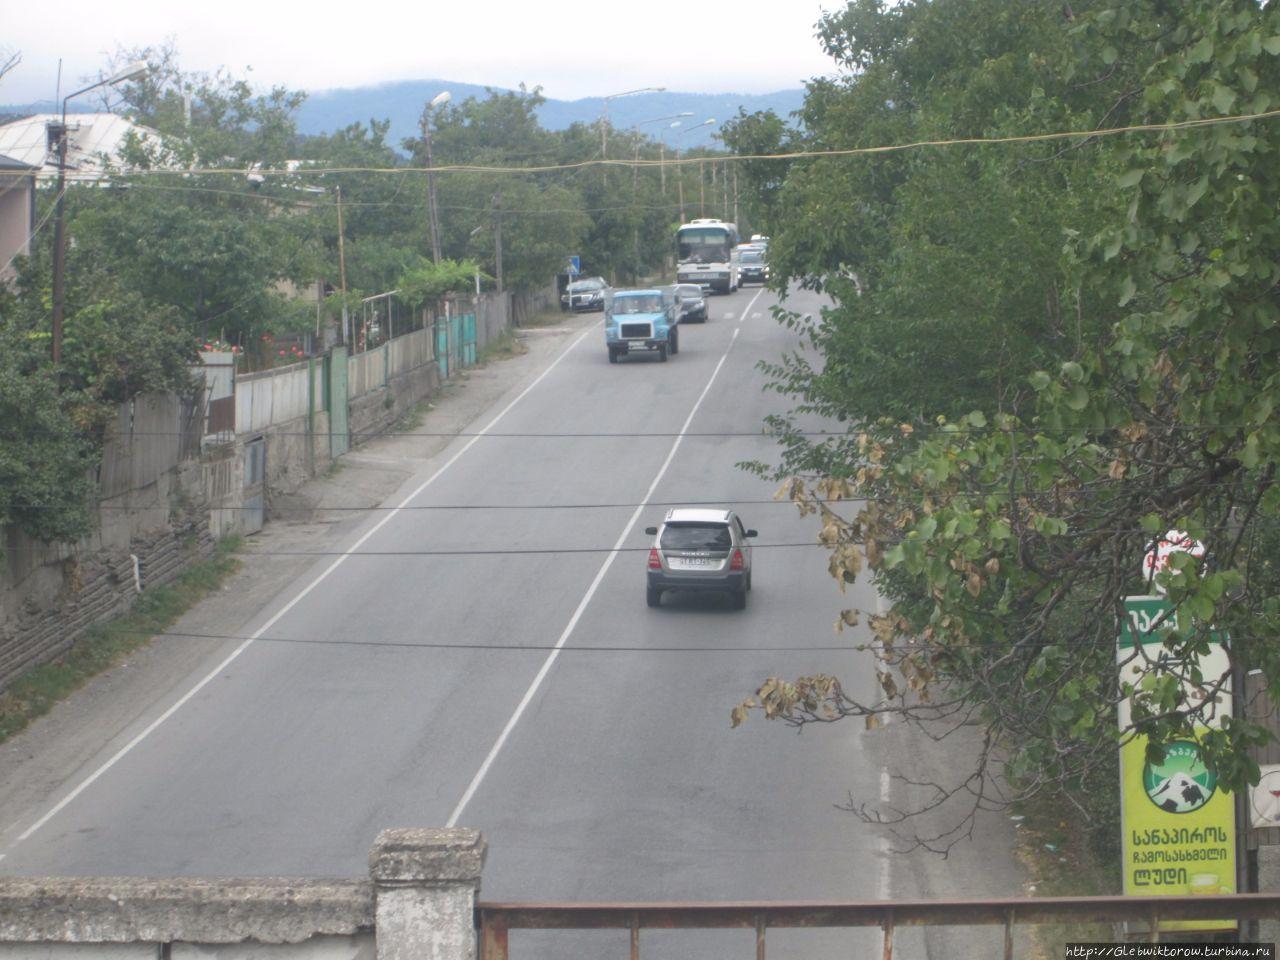 Прогулка по бедноватому городу в центре Грузии Хашури, Грузия